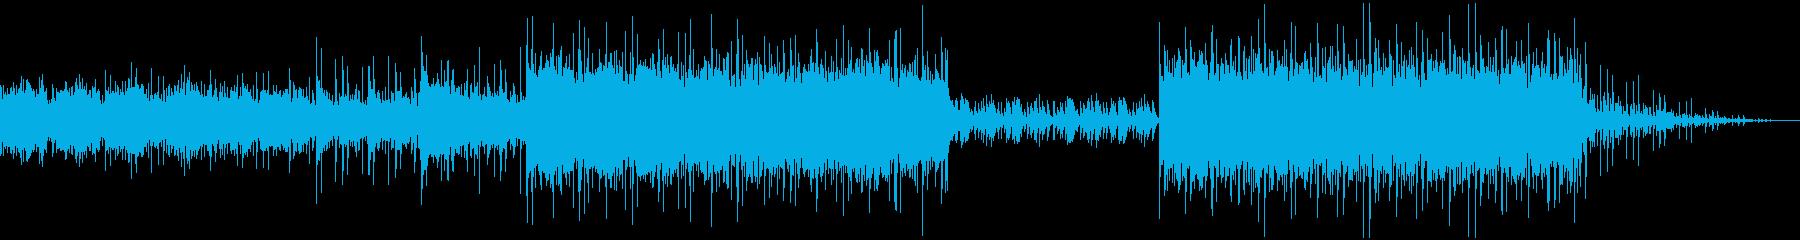 マリンバを多用した異国風音楽の再生済みの波形